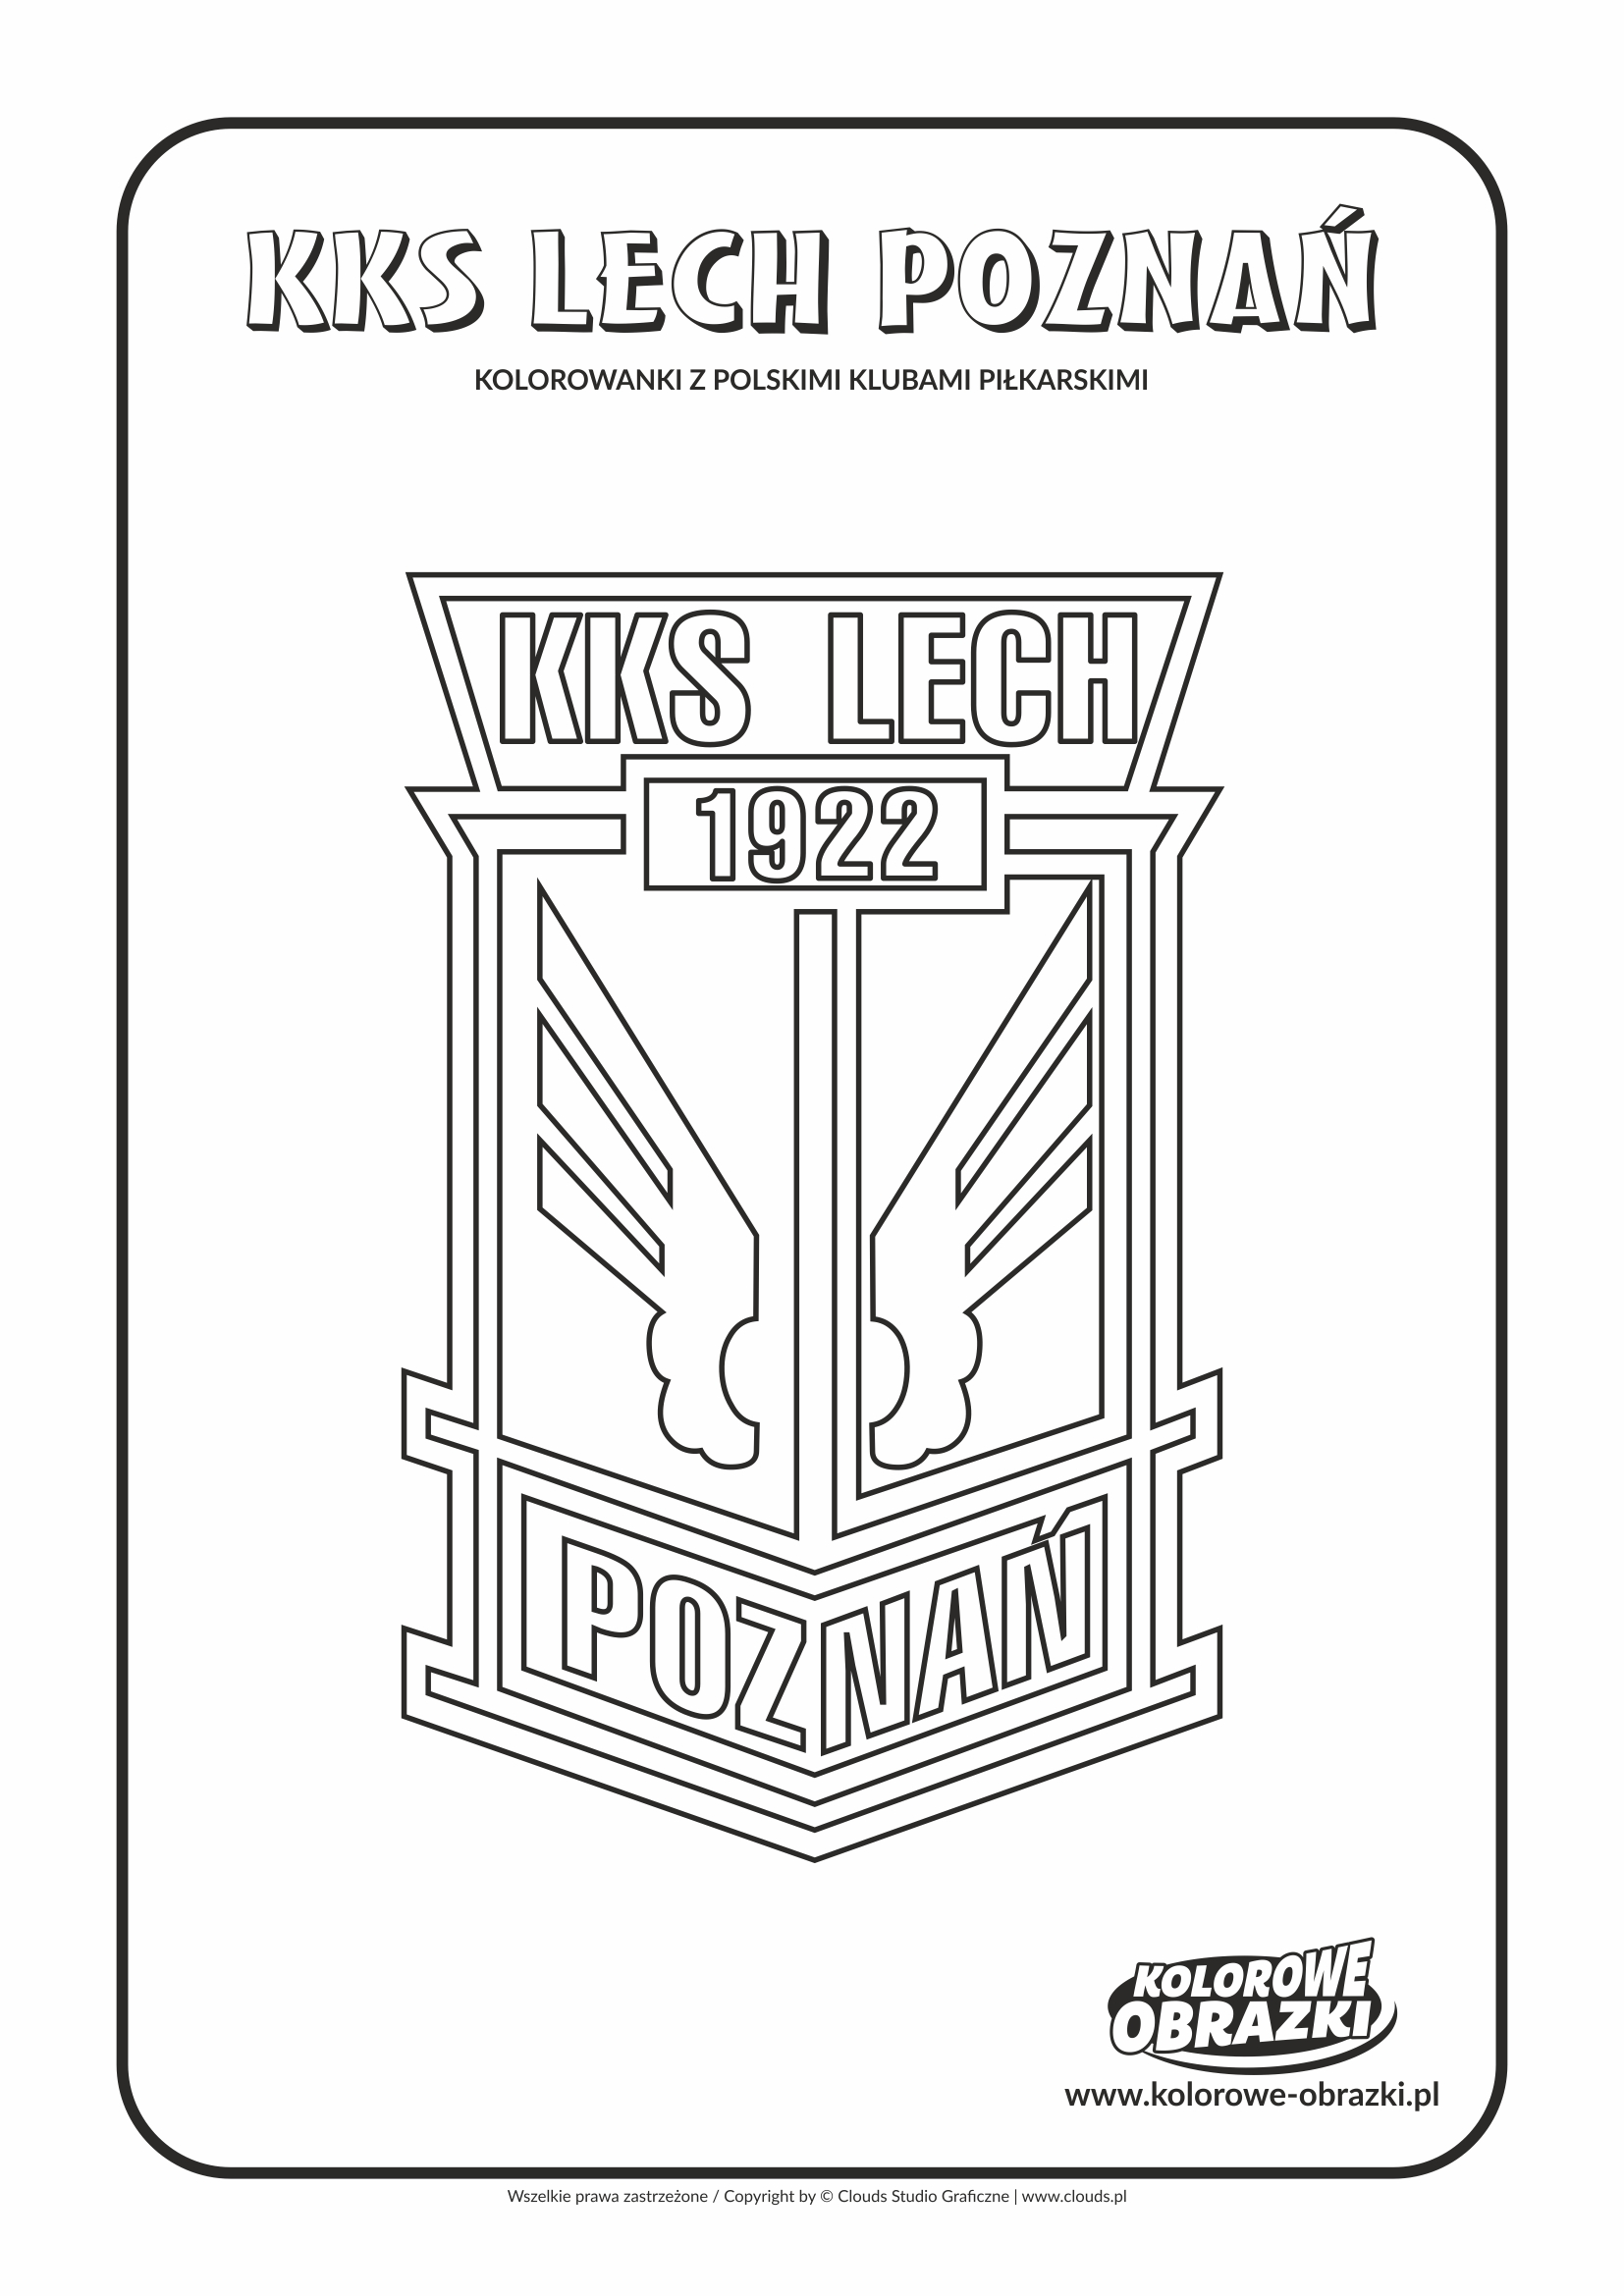 Kolorowanki dla dzieci - Polskie kluby piłkarskie / KSS Lech Poznań. Kolorowanka z polskimi klubami piłkarskimi